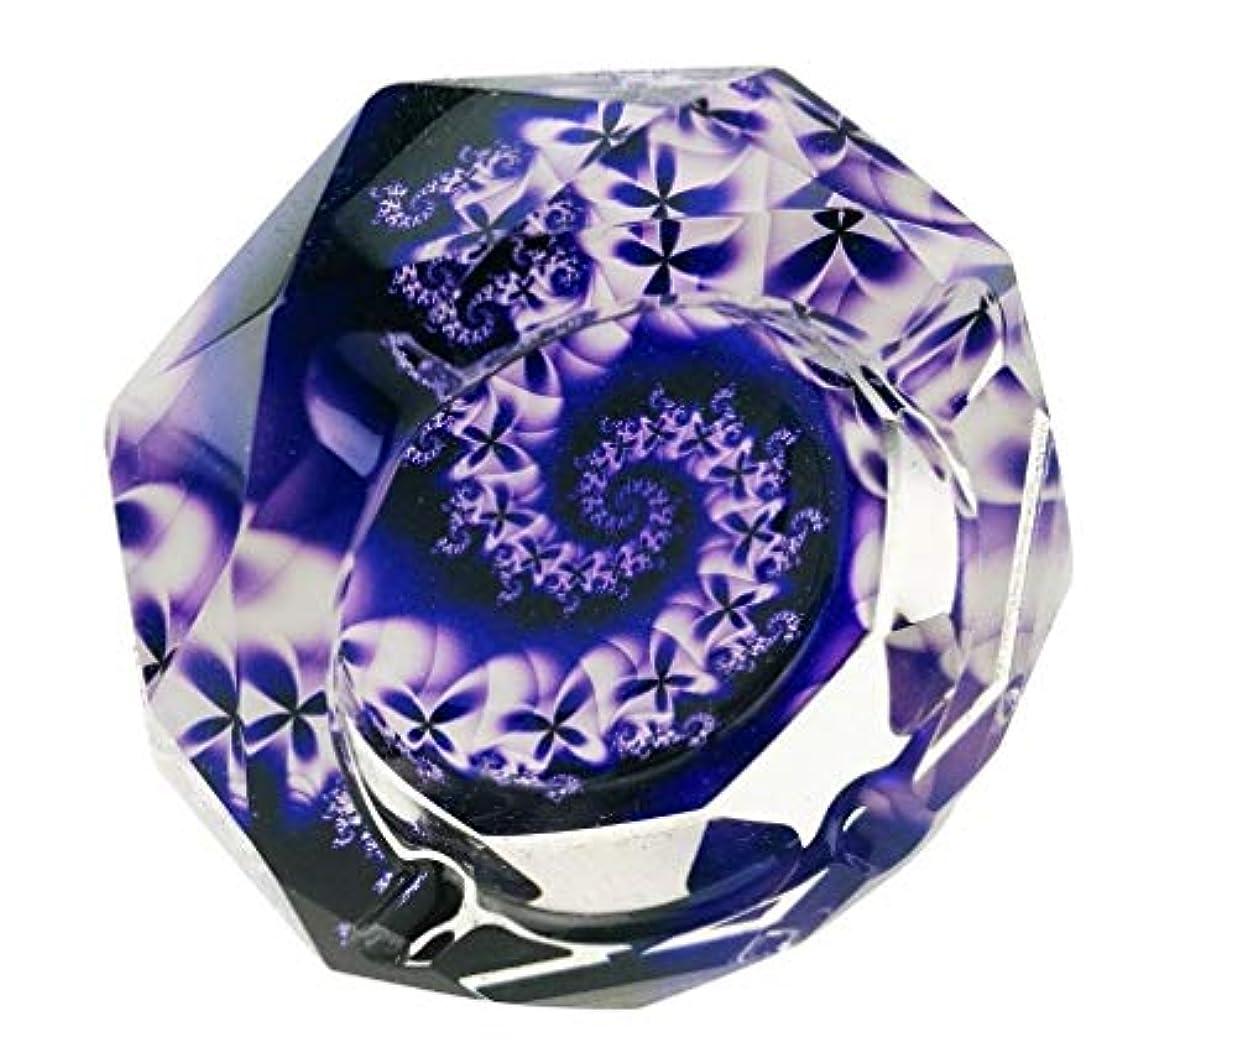 めったに貨物お気に入り美しいカラフルな透明な八角形の直径7.1